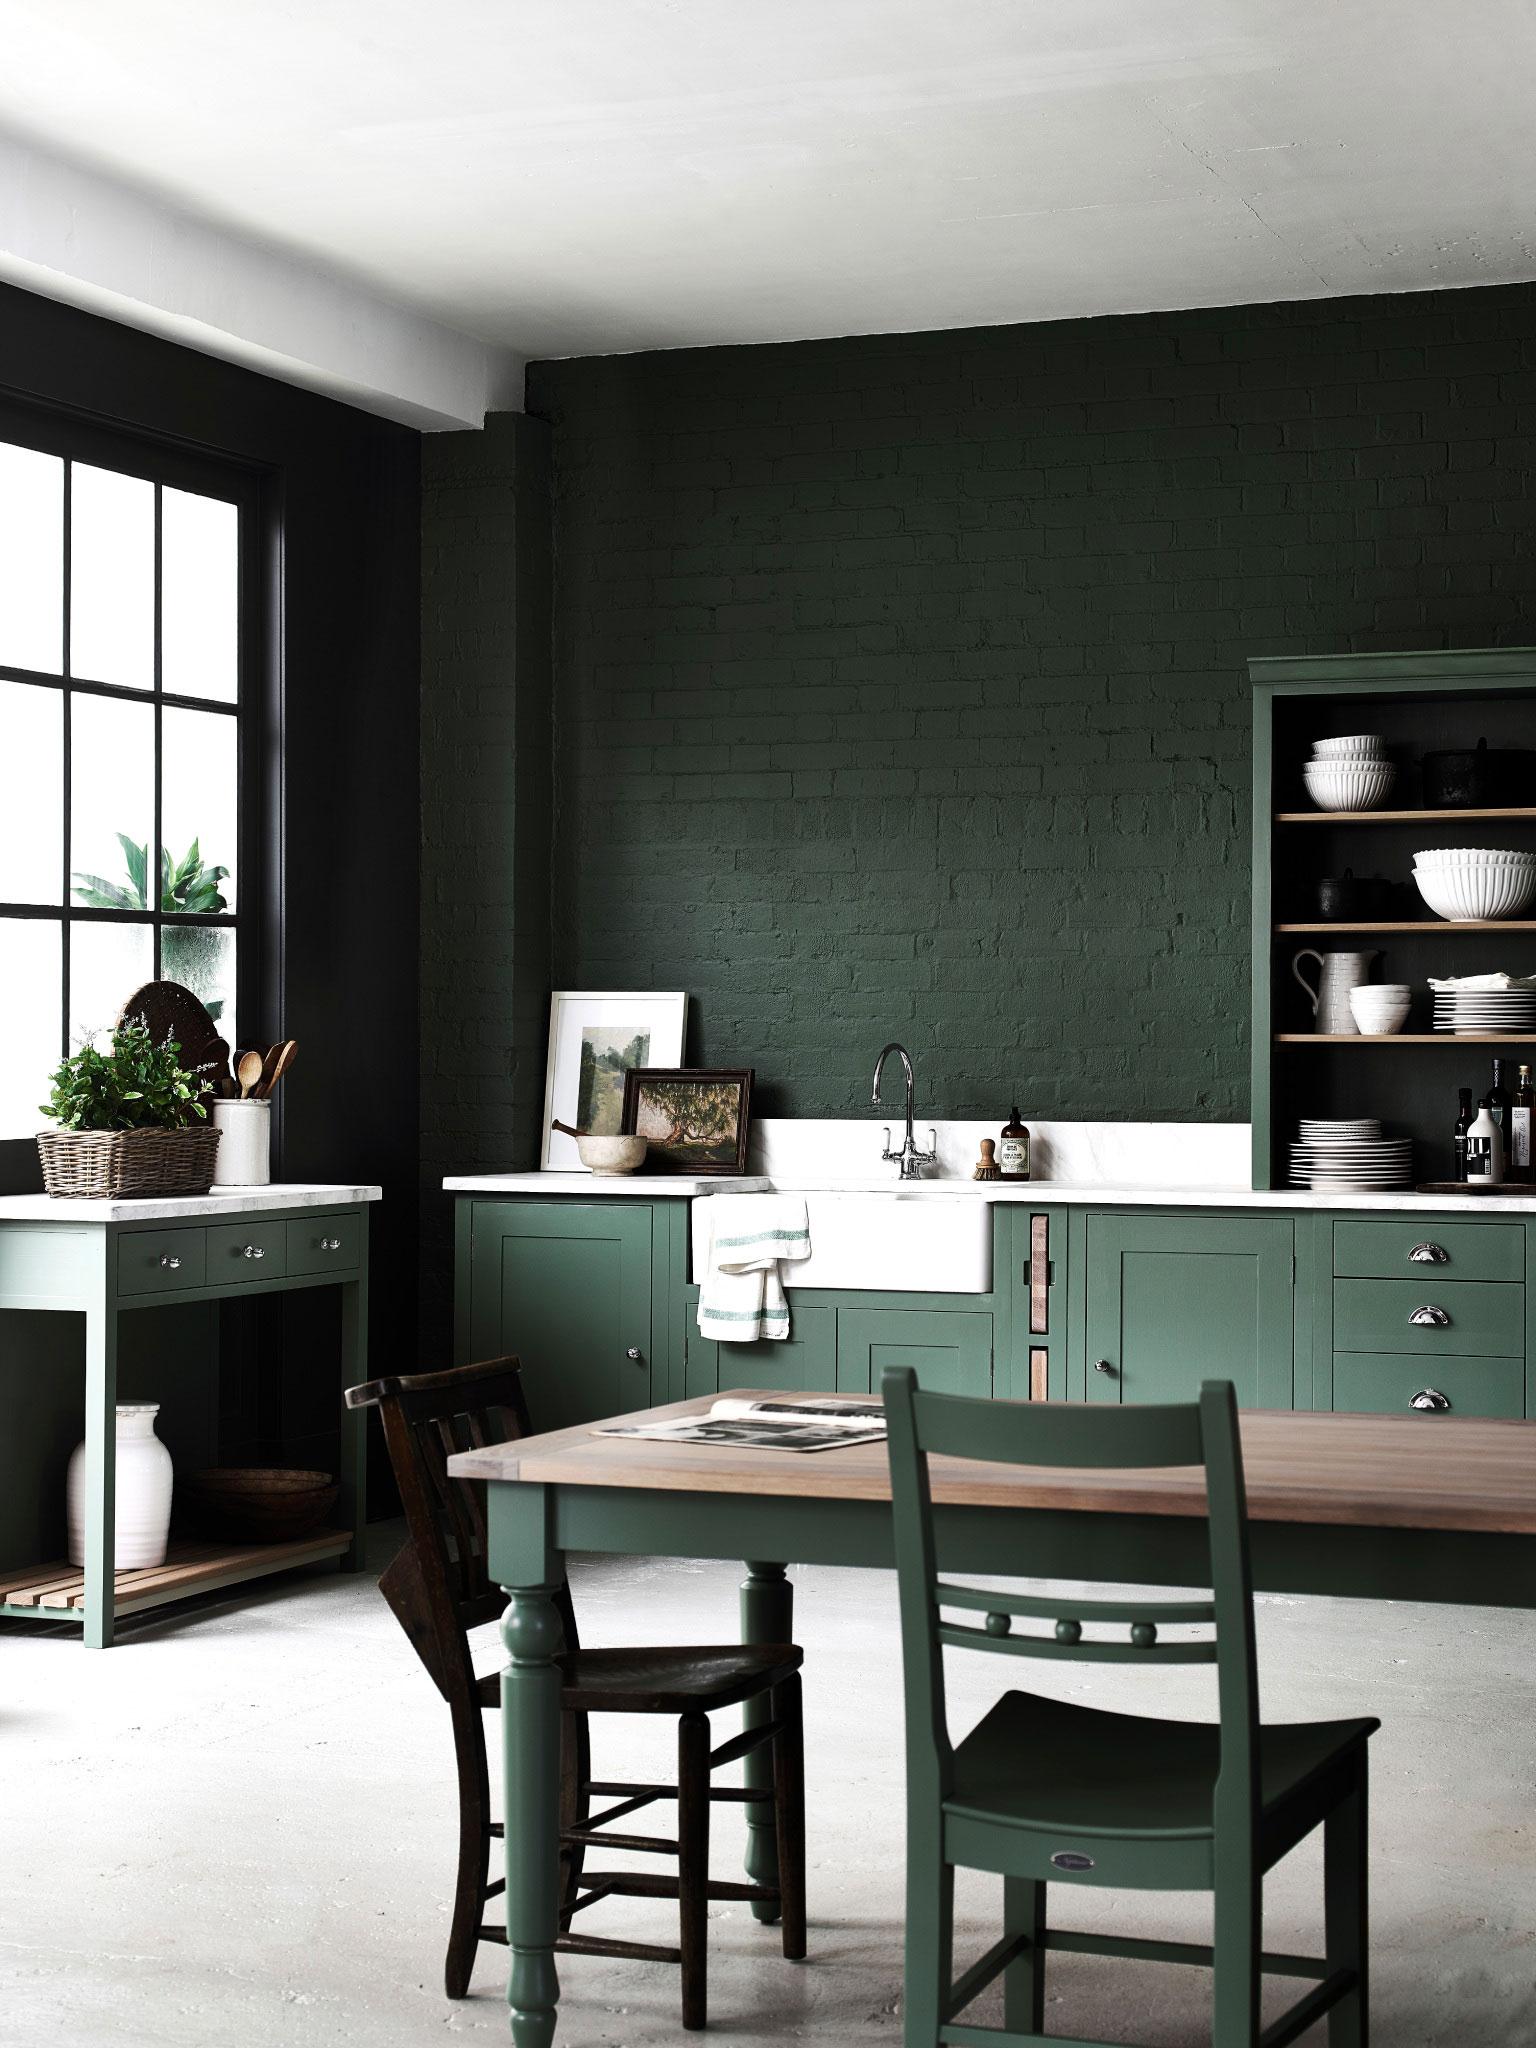 Full Size of Küche Gelb Grün Küche Wandgestaltung Grün Küche Grün Farbe Küche Mit Grün Küche Küche Mintgrün